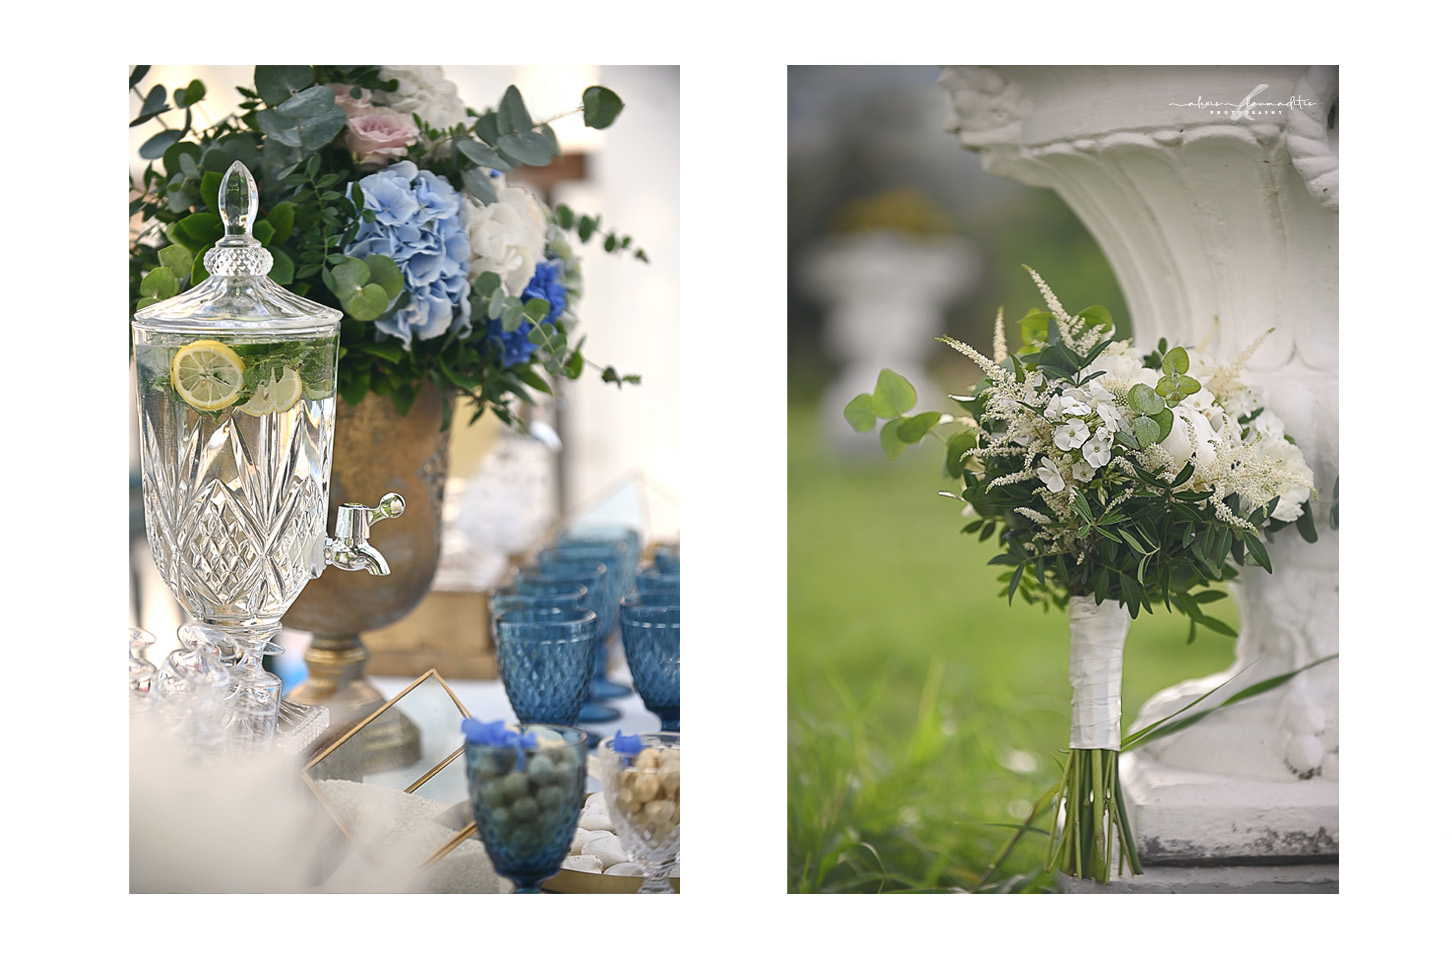 wedding- photography-baptism-alexis-koumaditis – wedding-flowers -θεσσαλια-λαρισα-φωτογραφια-γαμου-alexis-koumaditis